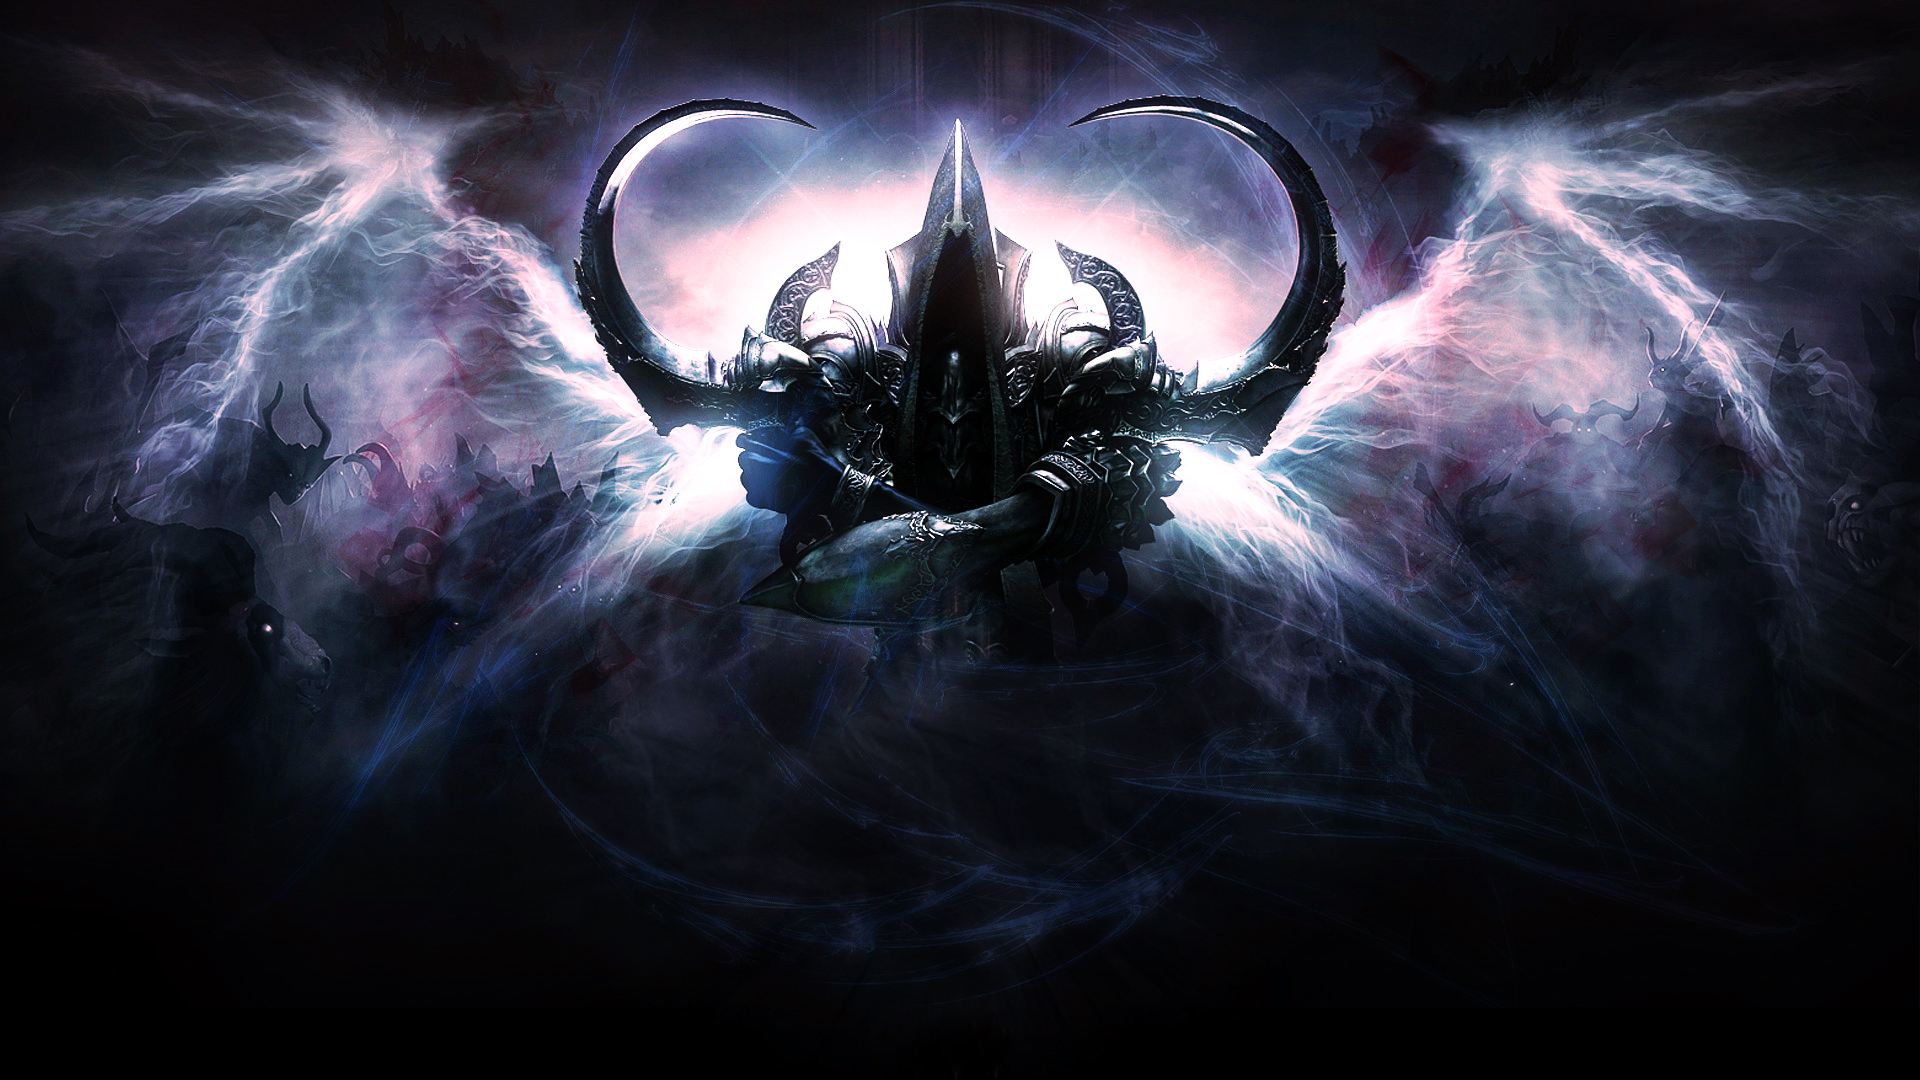 Diablo 3 Reaper of Souls Wallpaper by NIHILUSDESIGNS on DeviantArt